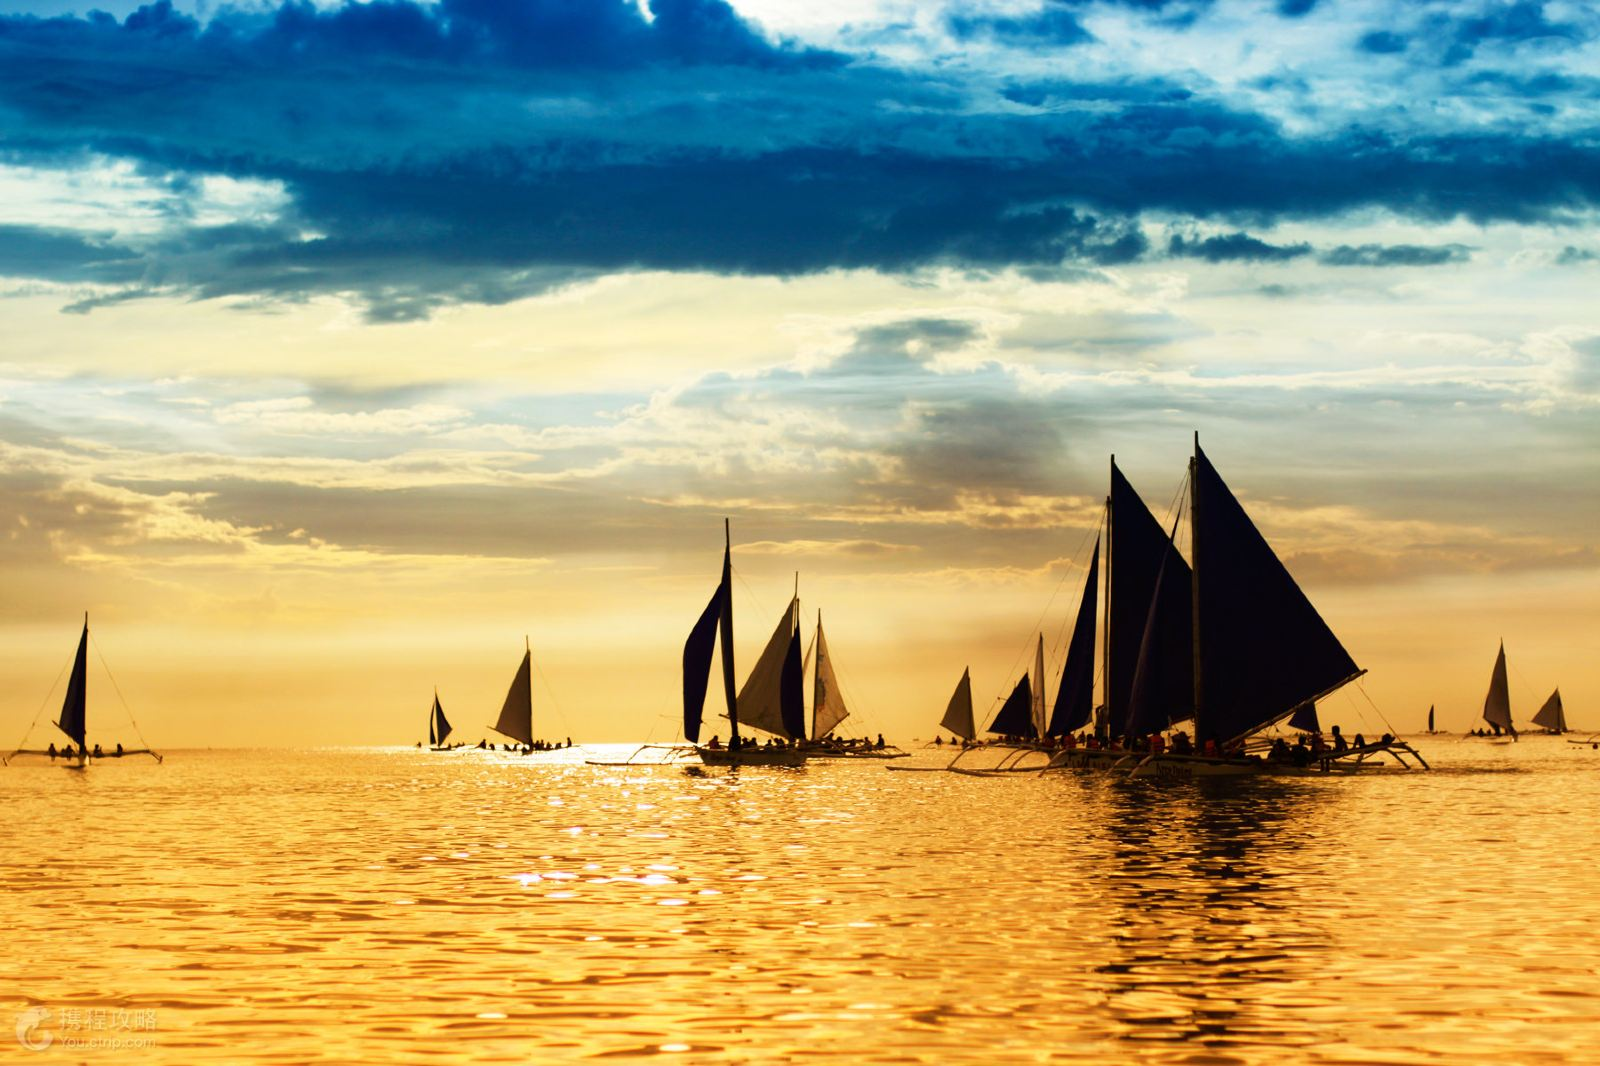 菲律宾长滩岛6日4晚跟团游·保证